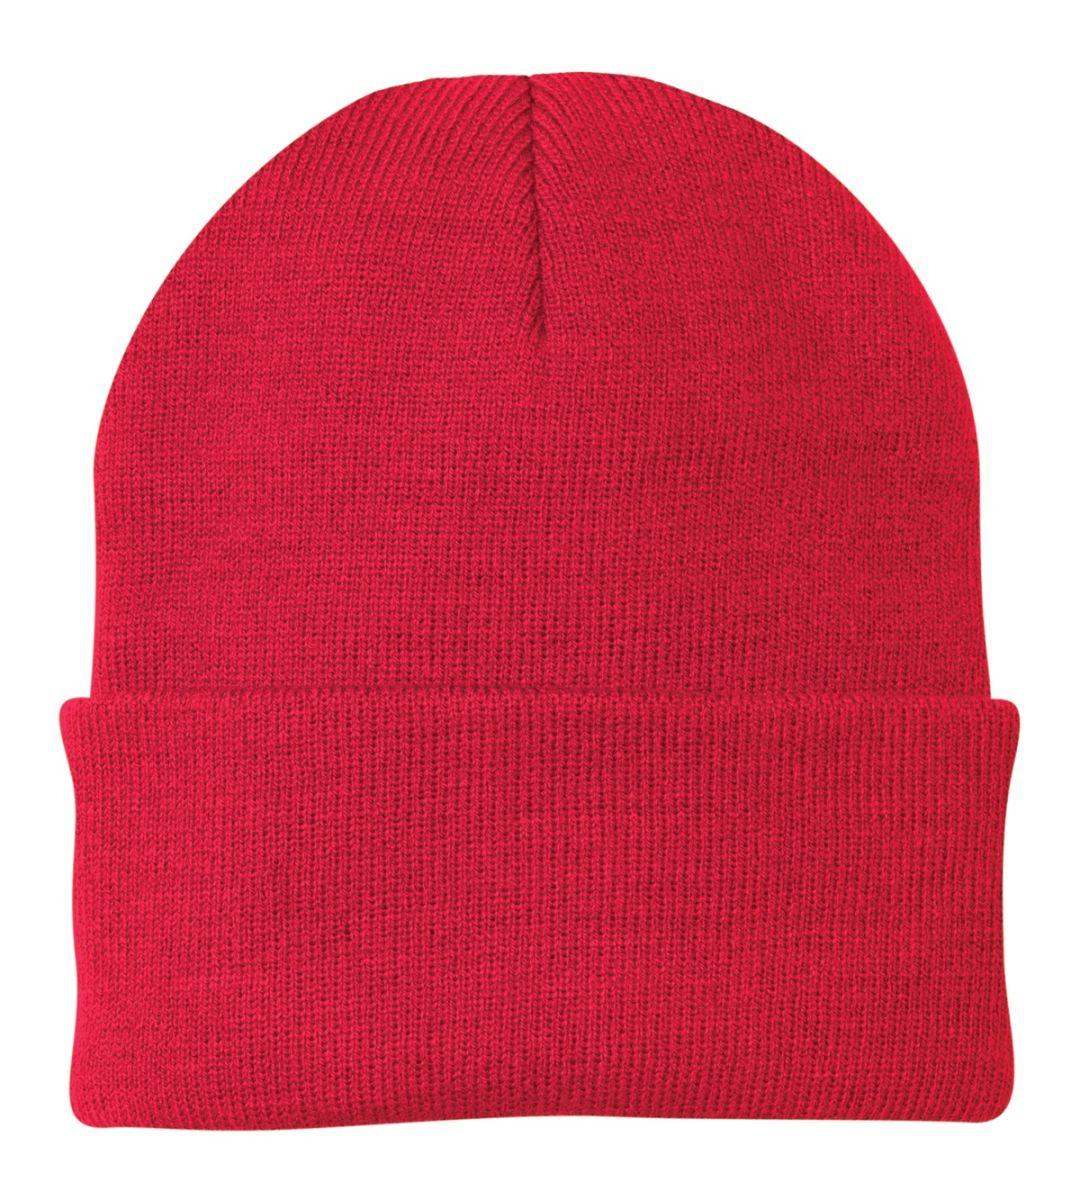 02d0cc9faa0 Port   Company CP90 Knit Beanie